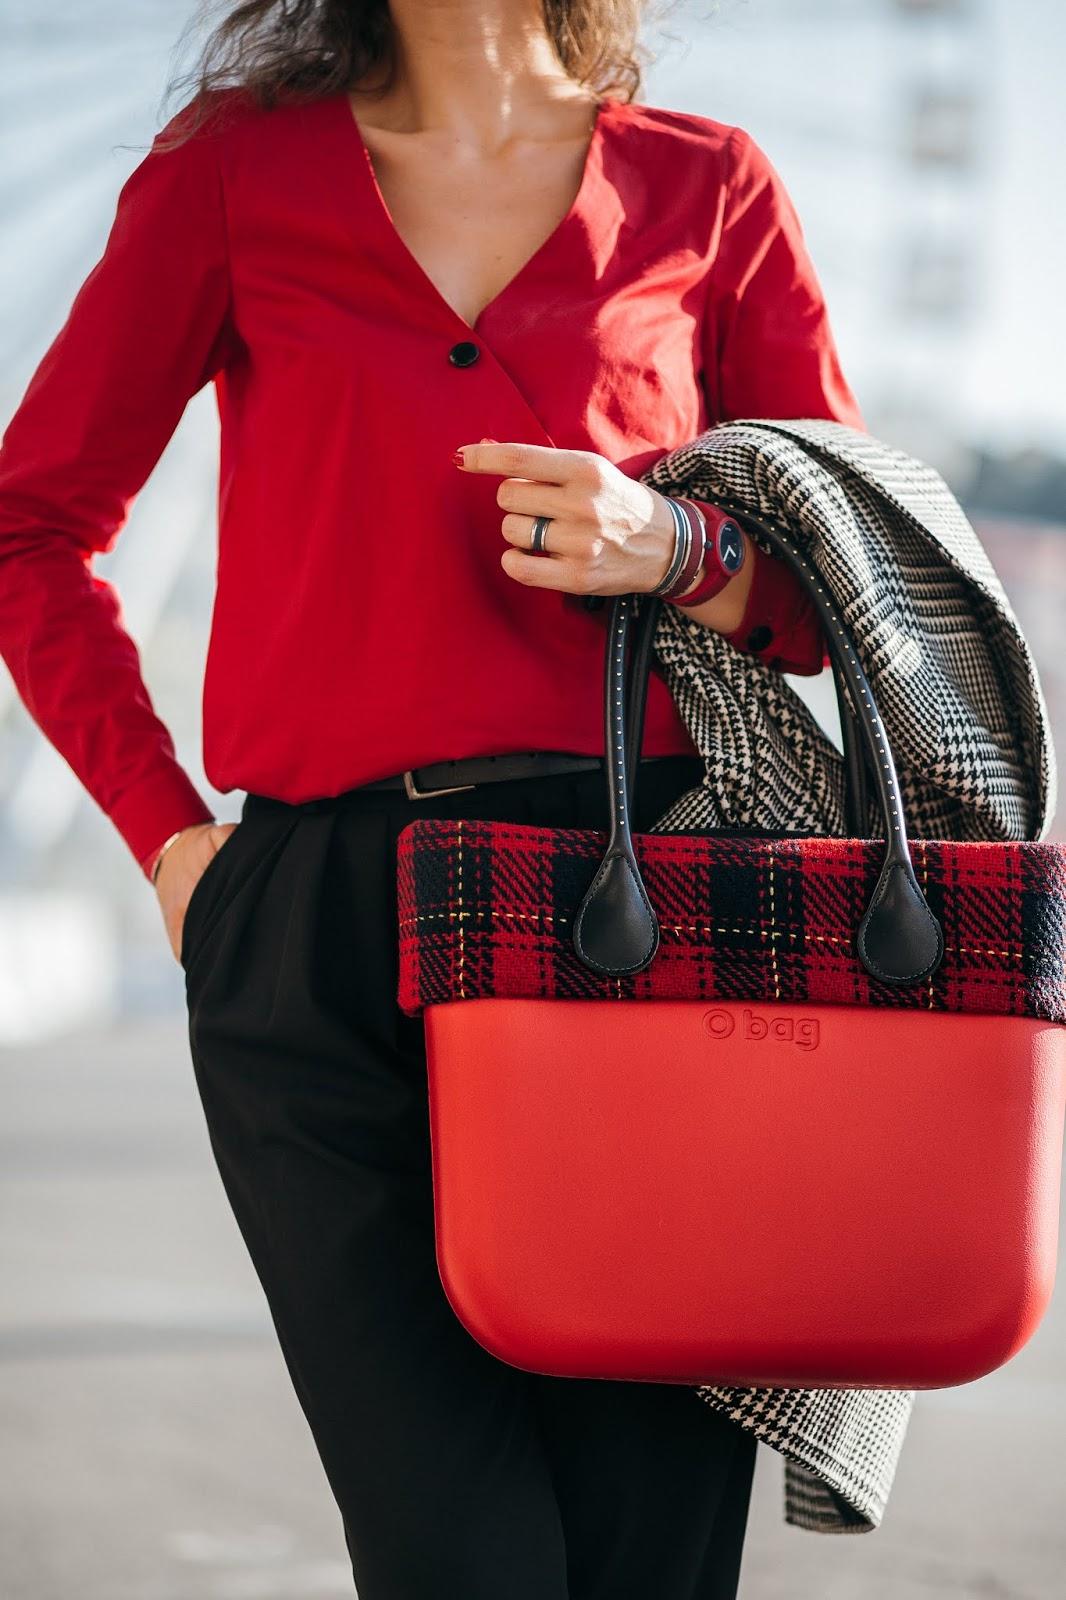 с чм носить красную сумку